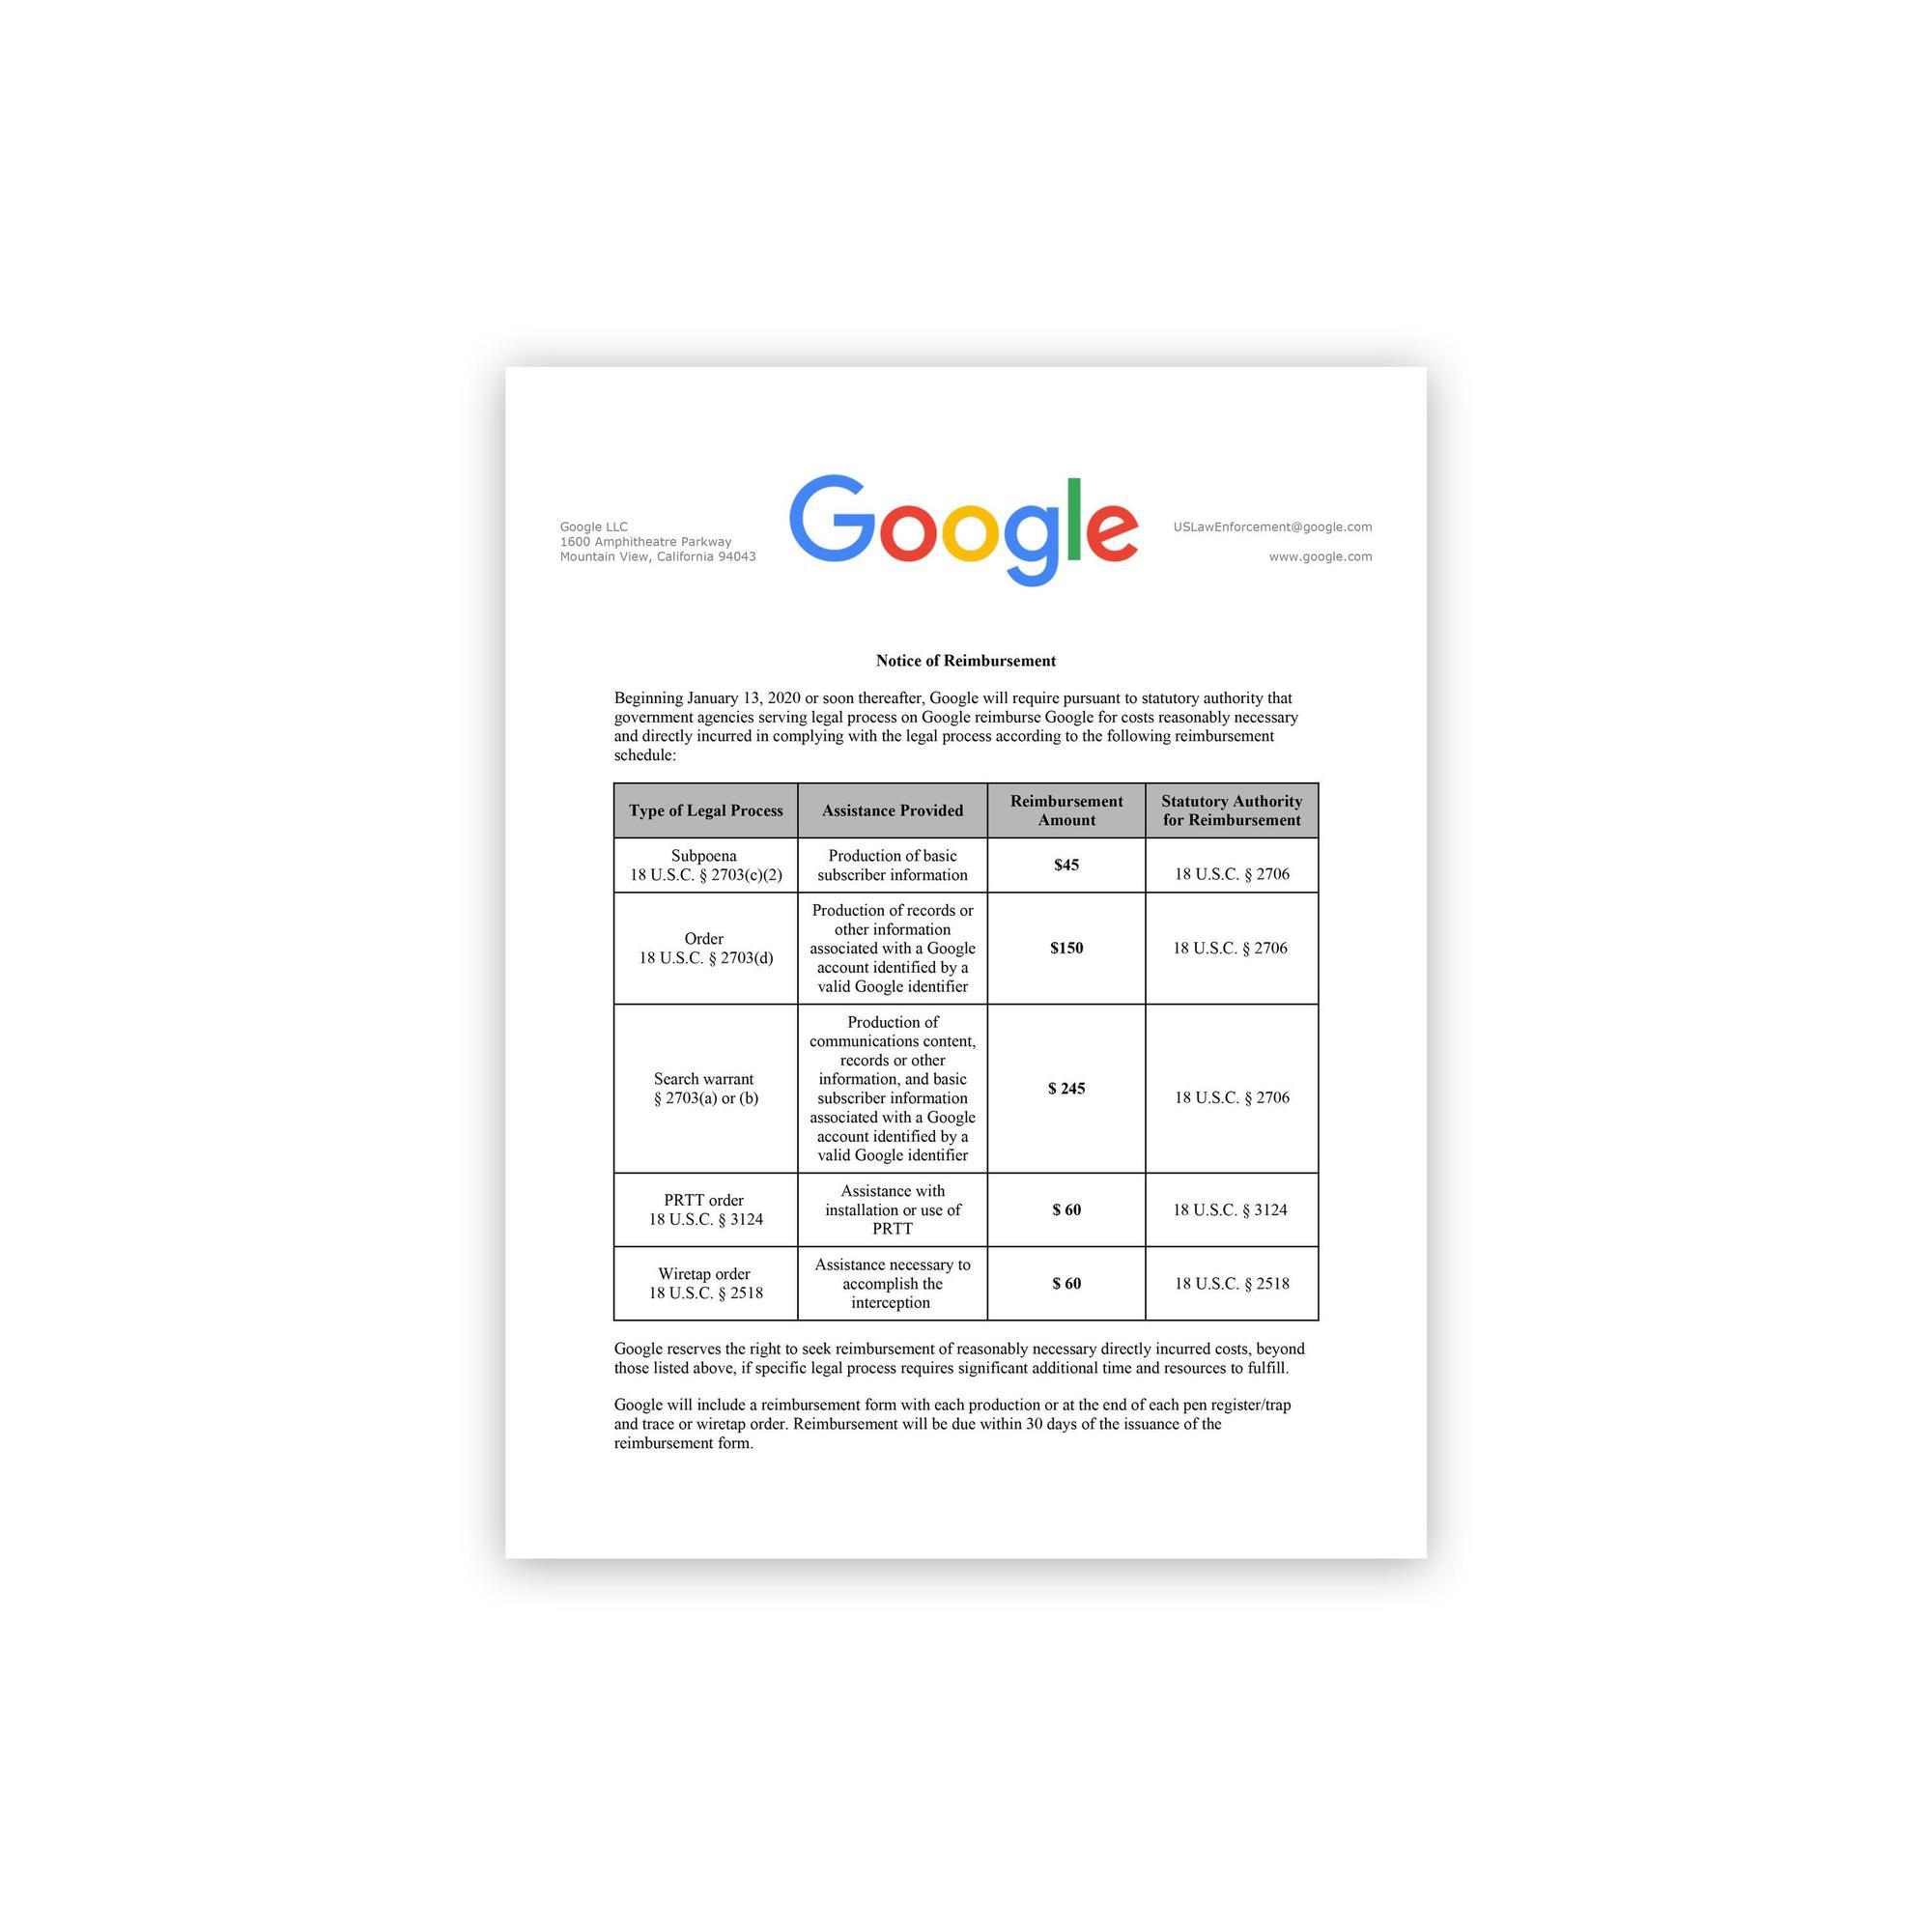 Google'dan veri isteyen kolluk birimleri para ödeyecek